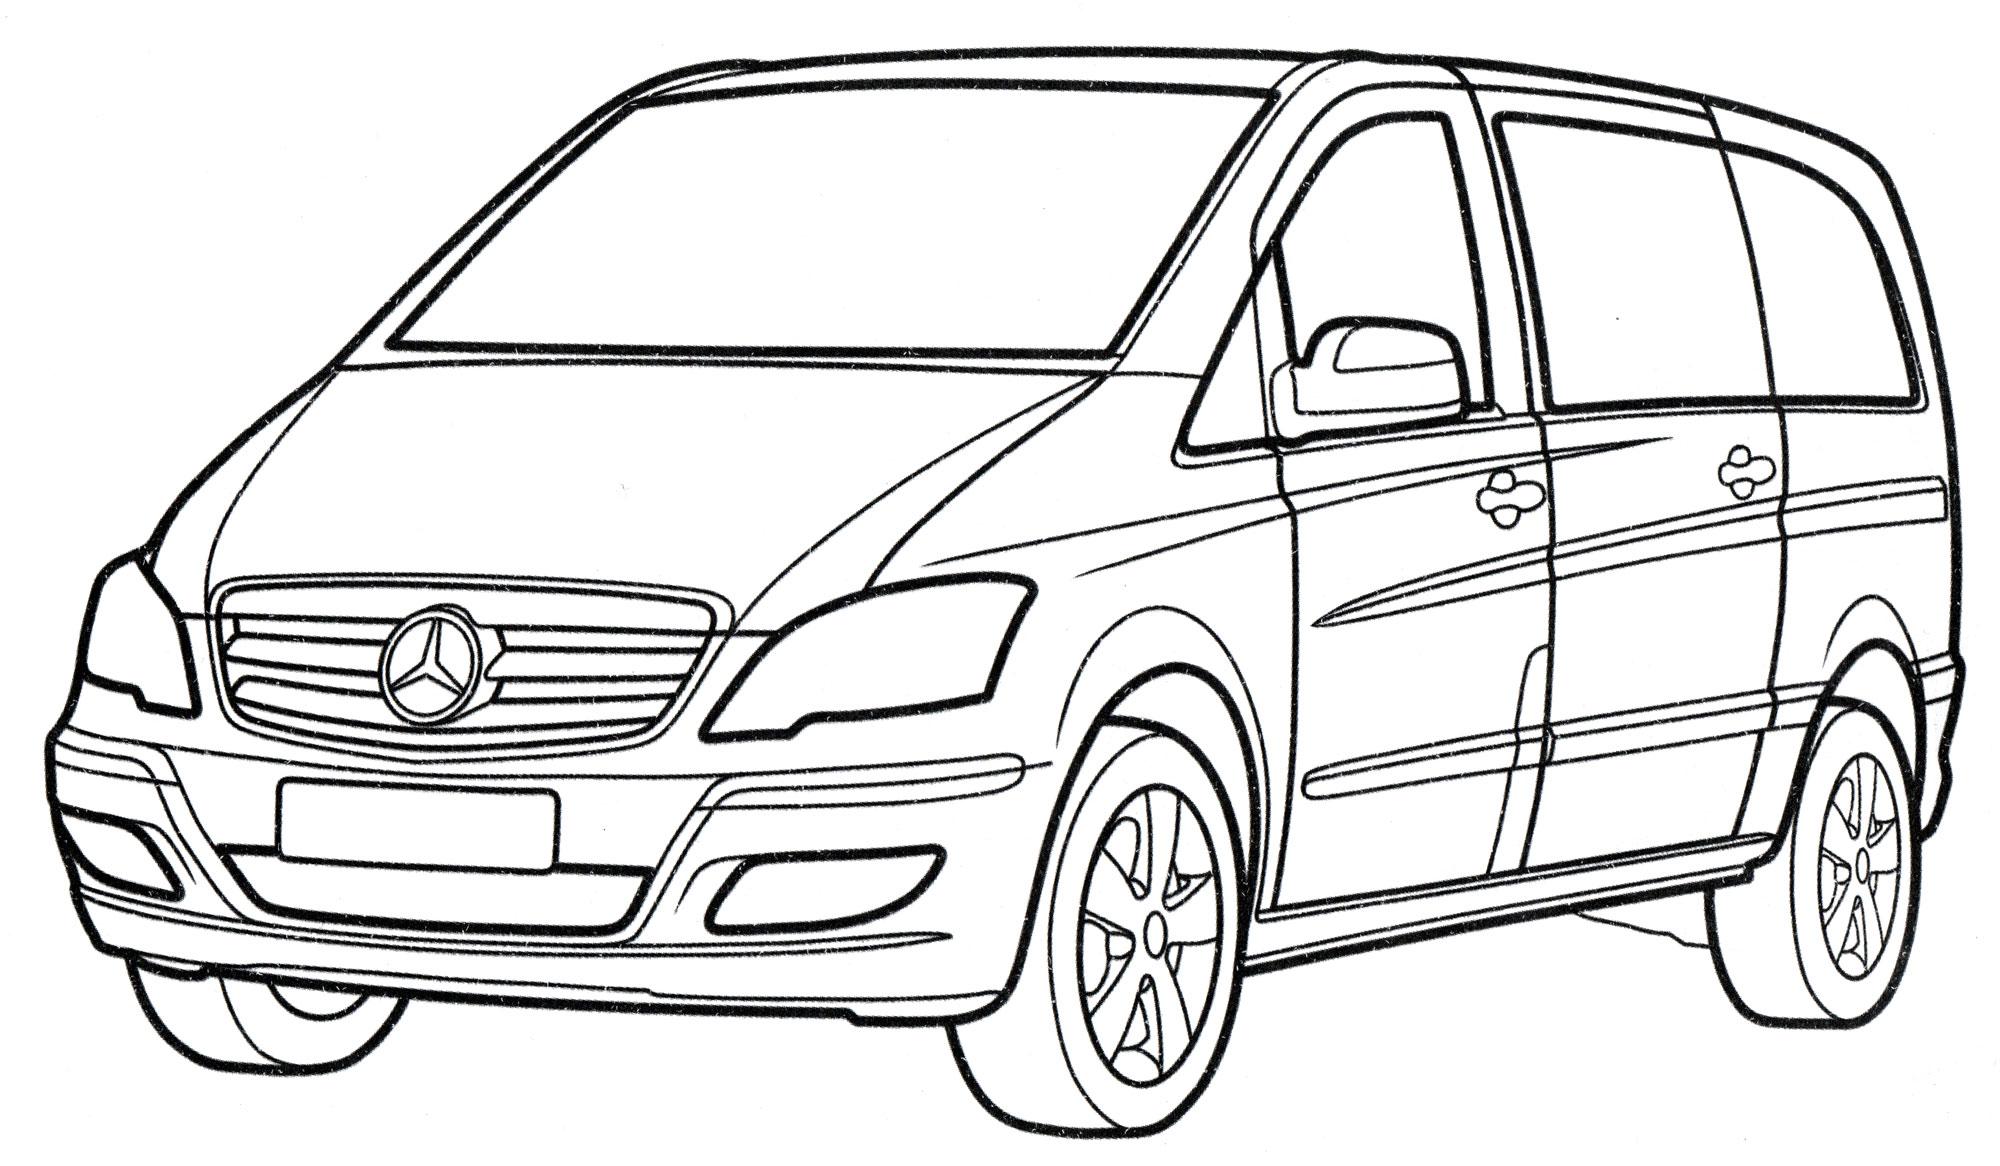 Раскраска Mercedes Viano - распечатать бесплатно